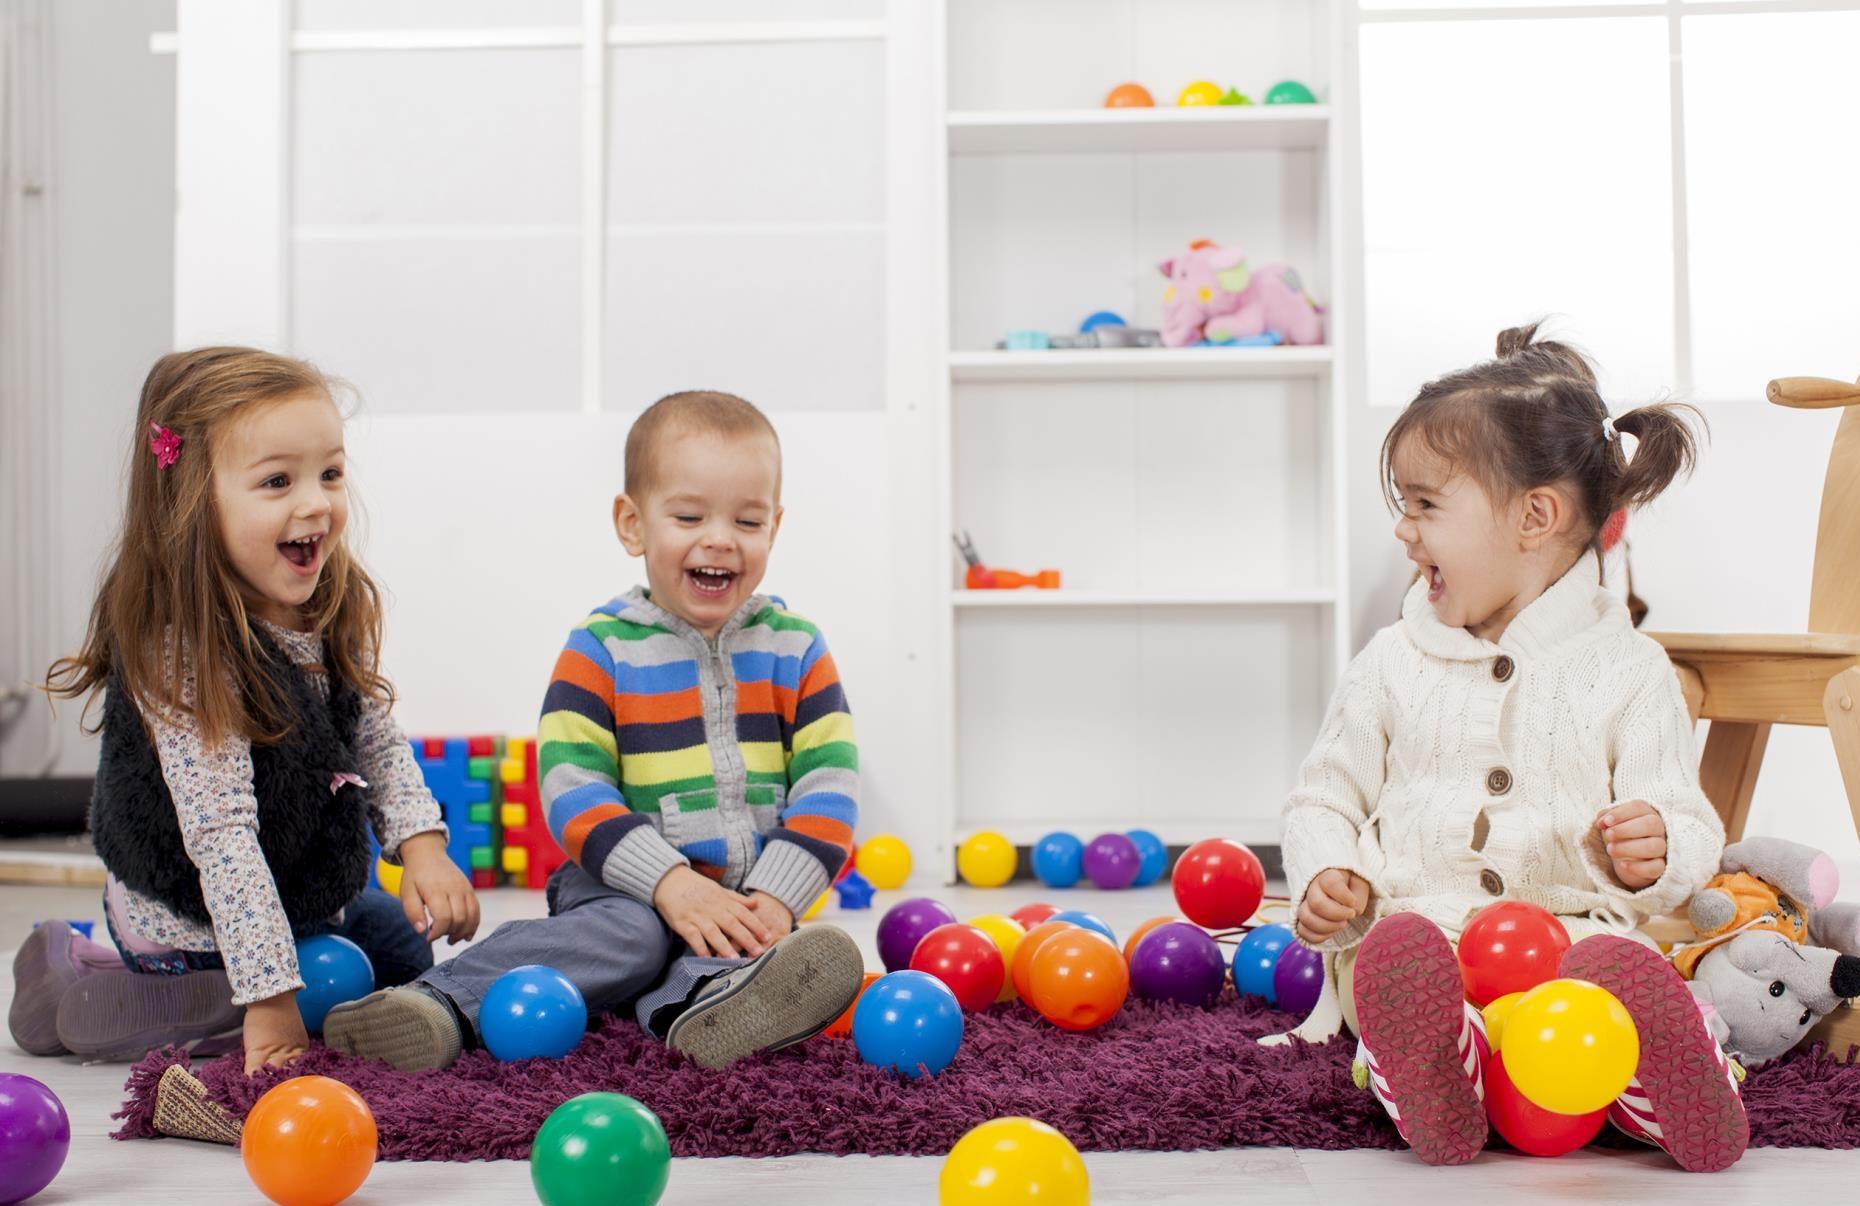 Fun Learning Programs in Elementary Schools